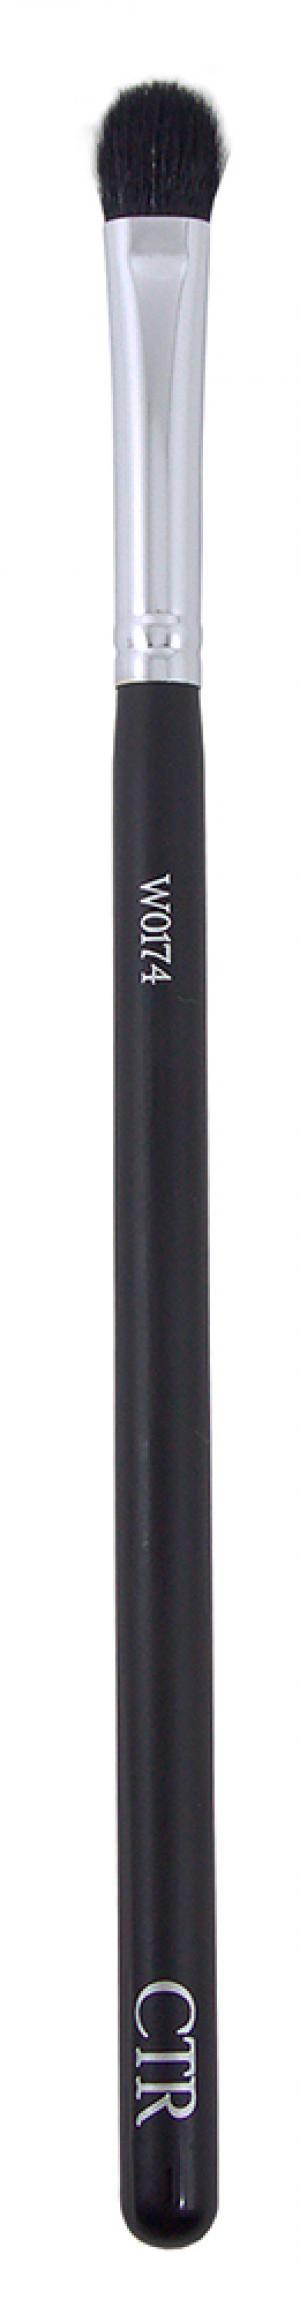 Кисть для тіней ворс єнота W0174  - 00-00011554